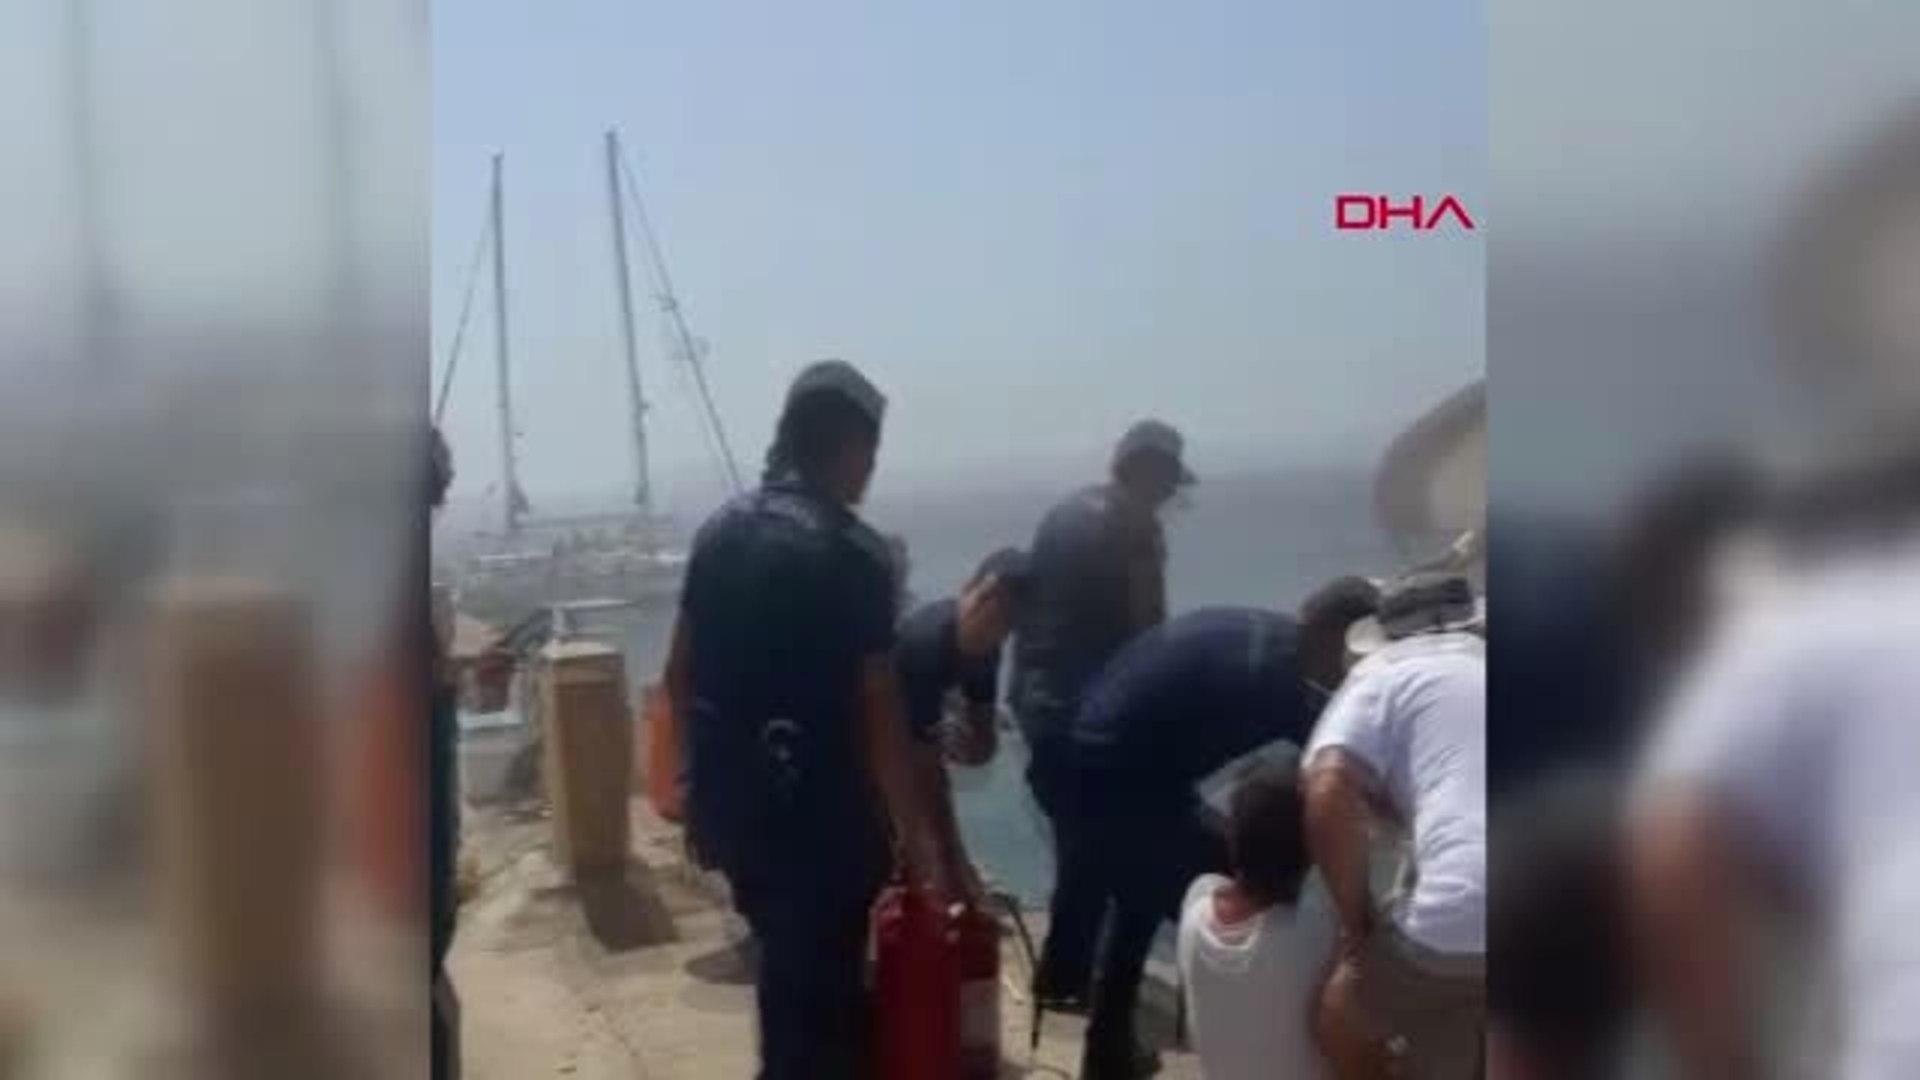 ÇANAKKALE Bozcaada yatta çıkan yangını Sahil Güvenlik ekipleri söndürdü